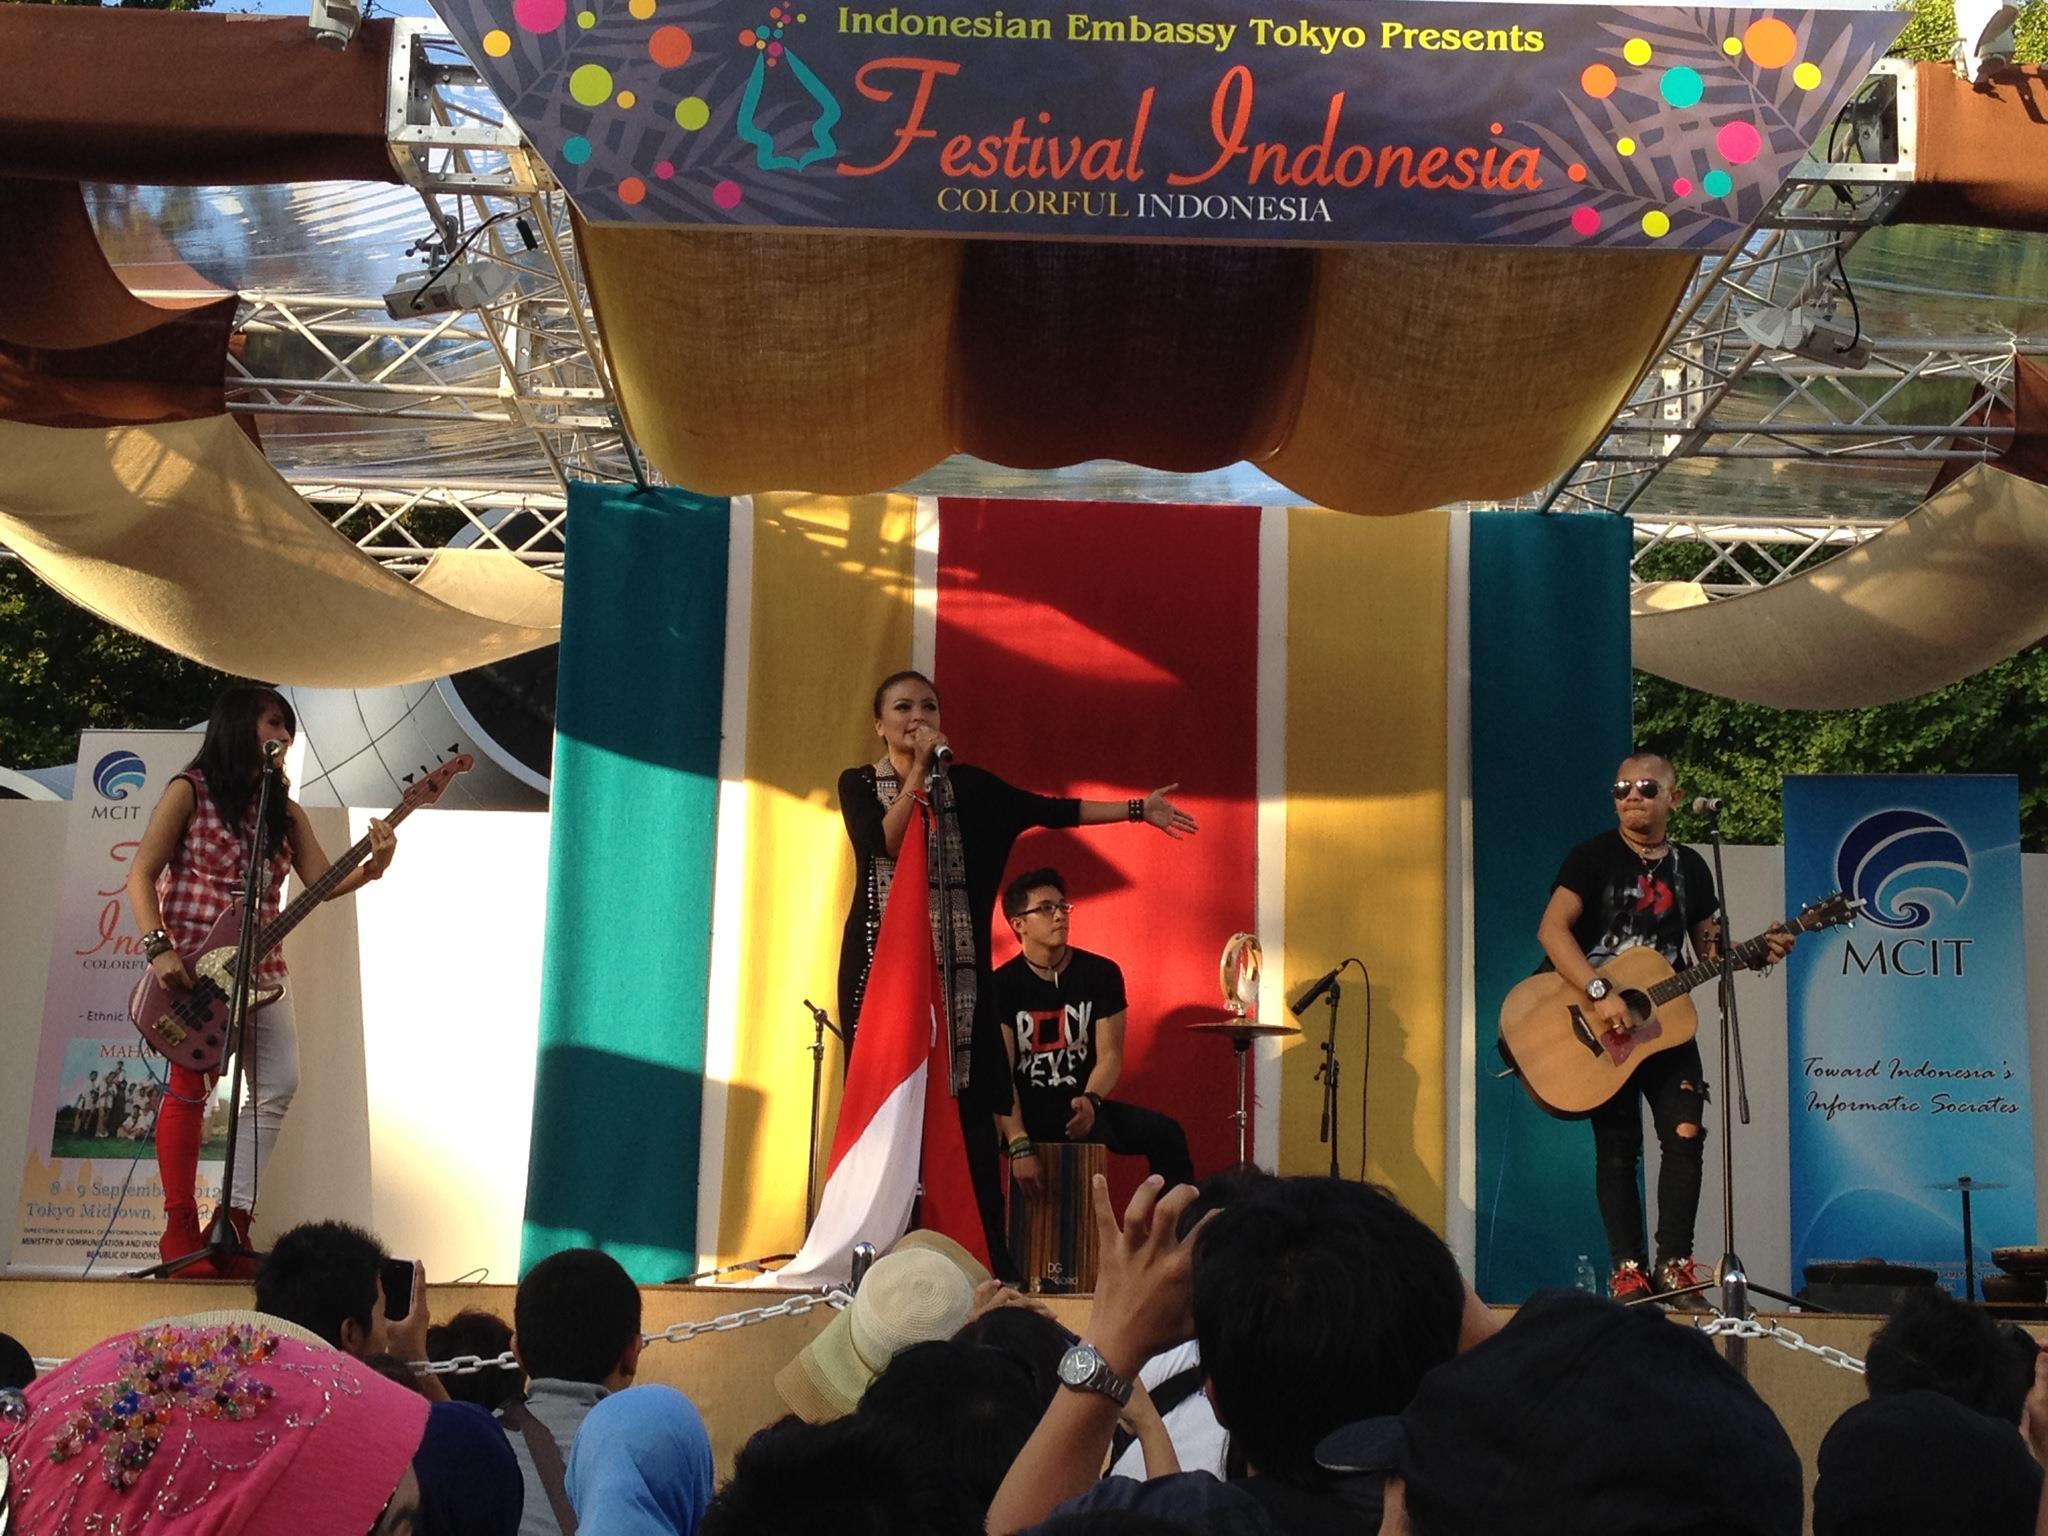 インドネシアフェスティバル ミッドタウンの野外コンサートの様子